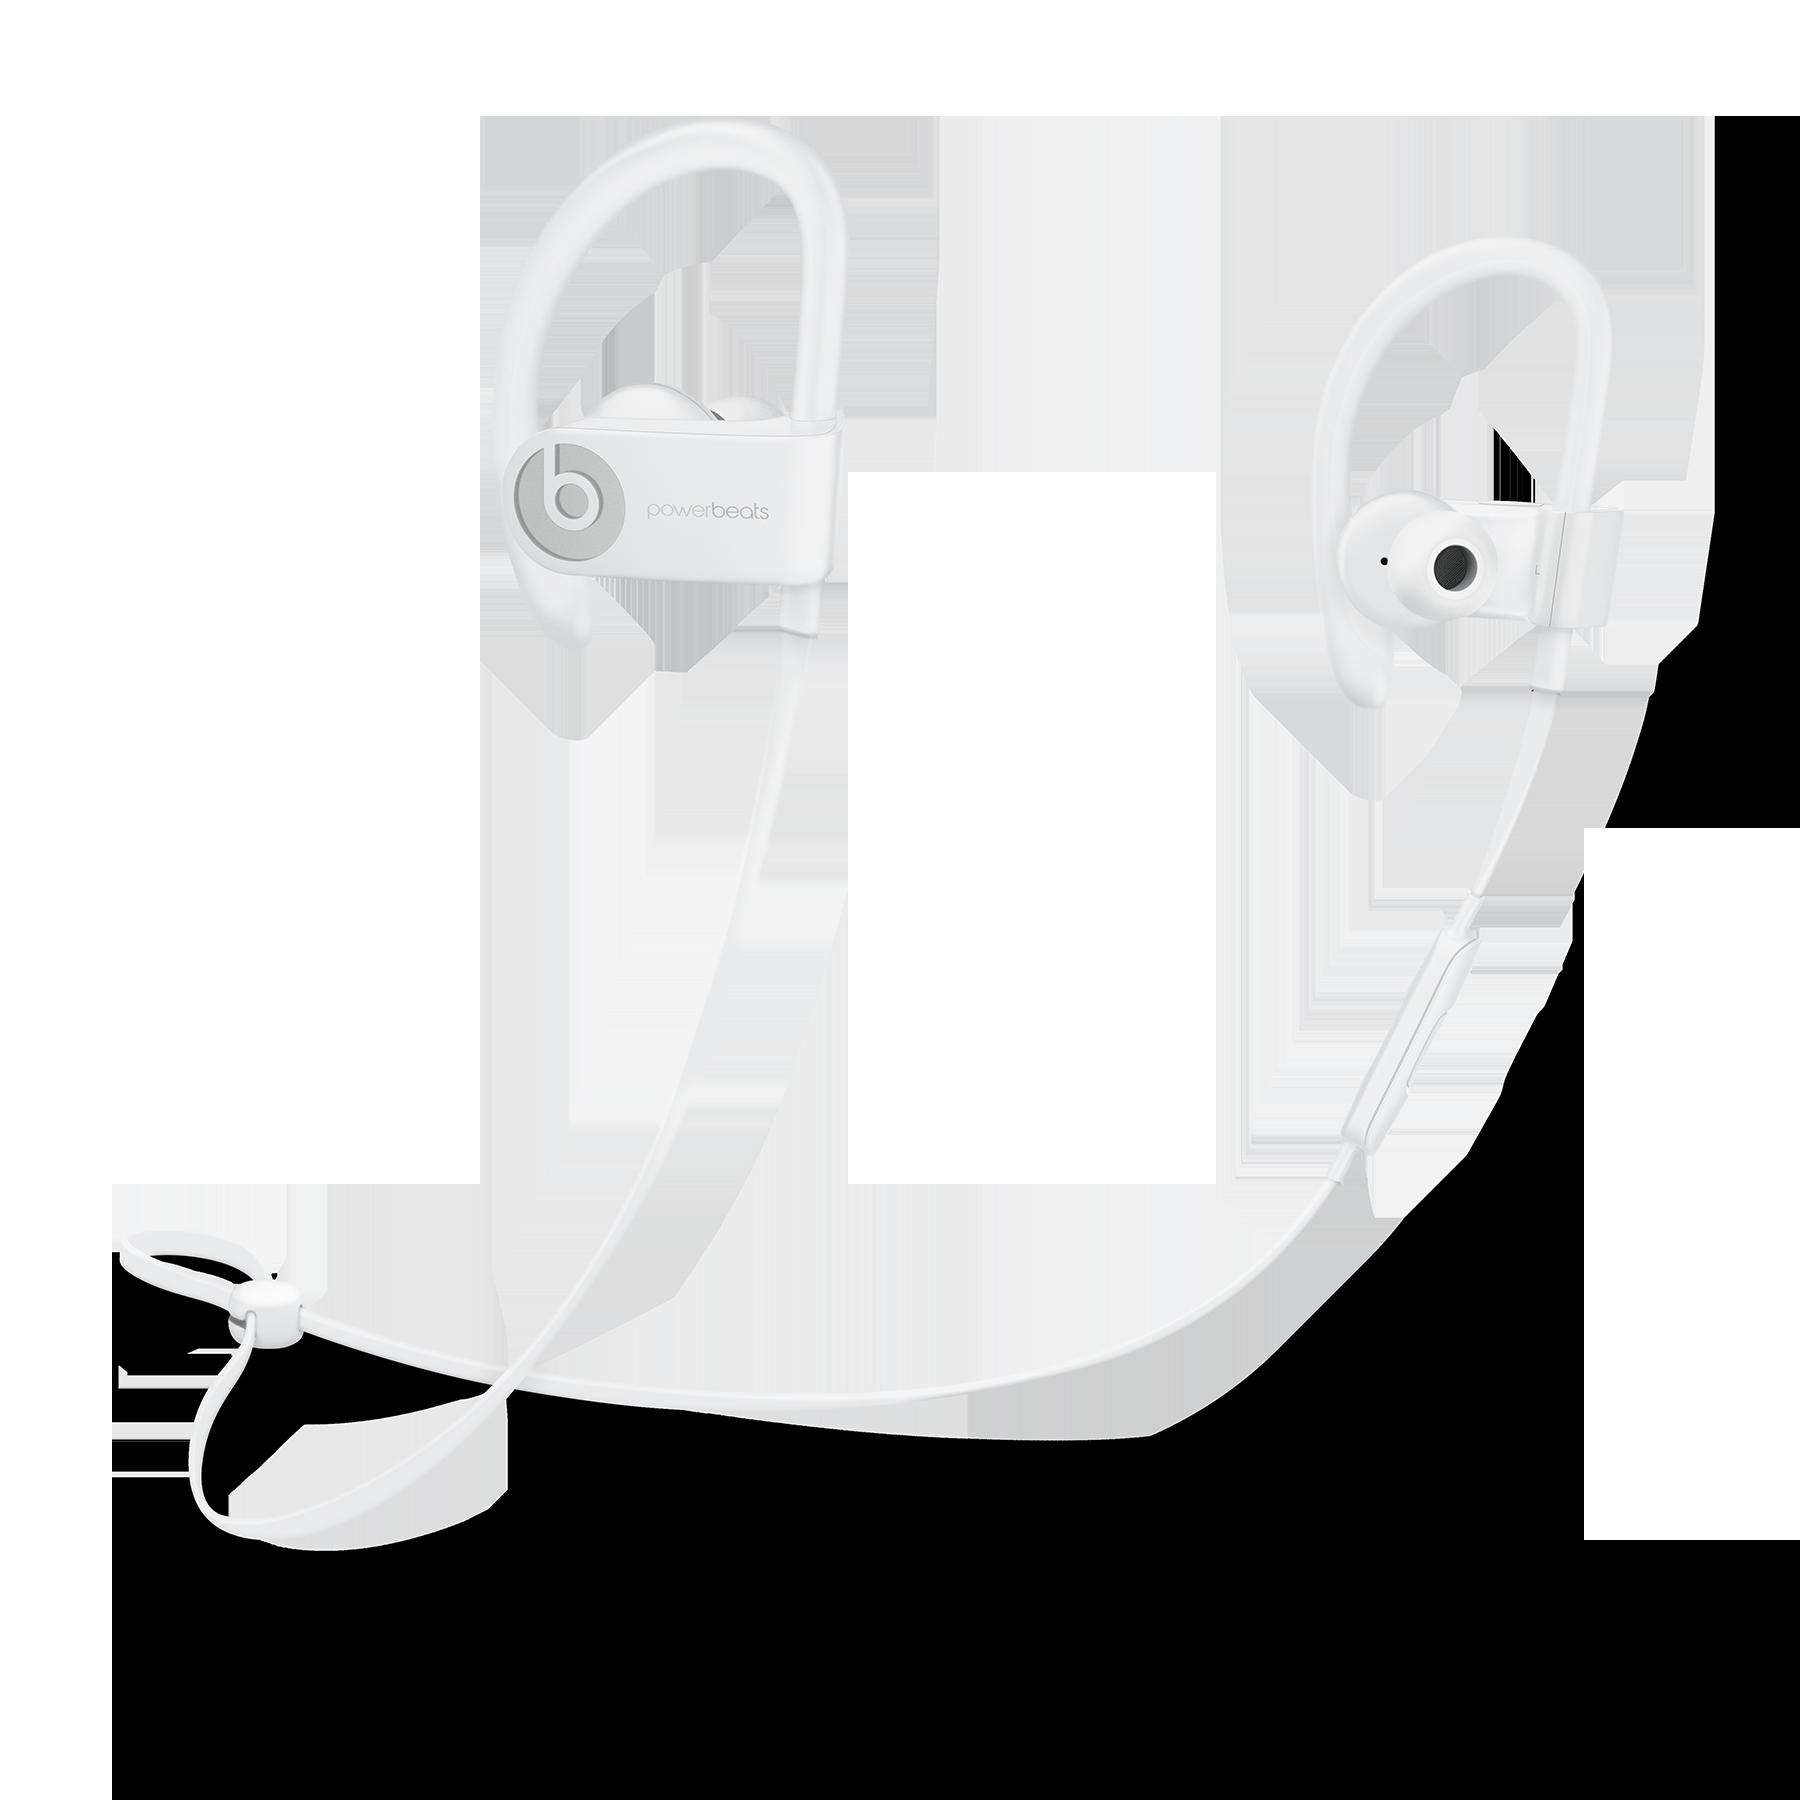 Beats Powerbeats3 Wireless Earphones Beats By Dre Wireless Beats Beats Earbuds Wireless Headphones